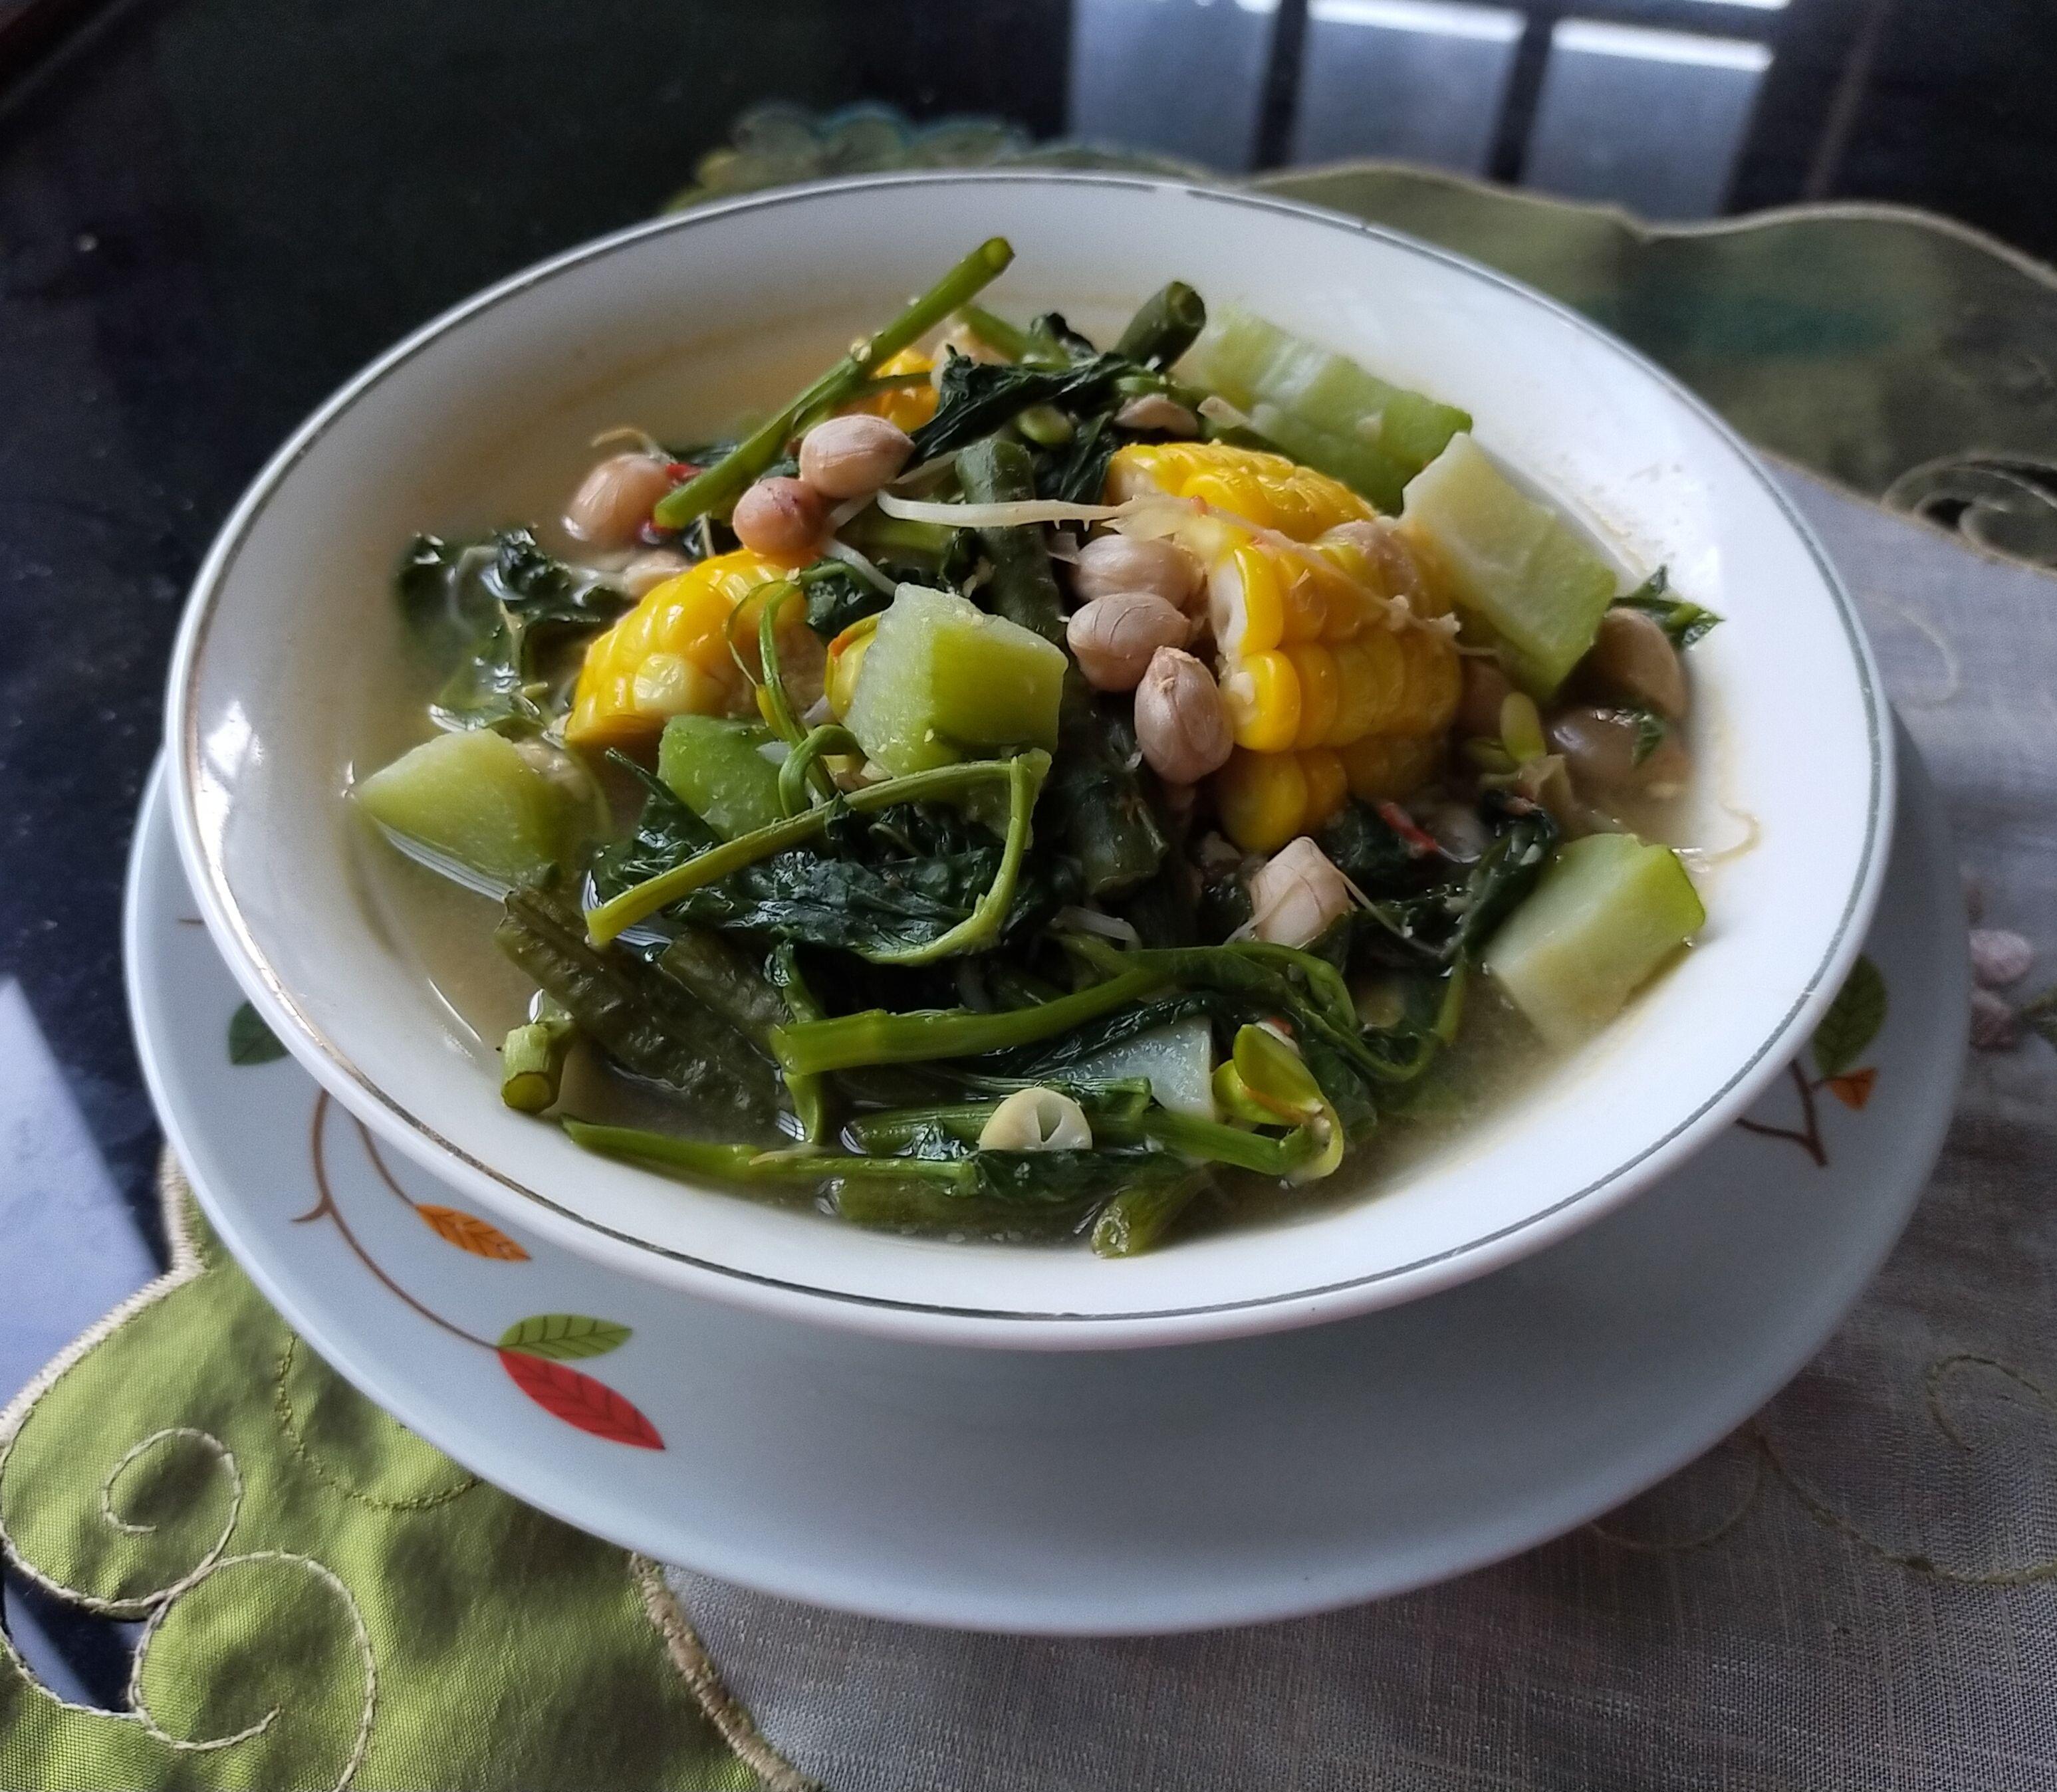 Resep Sayur Asem yang Enak dan Segar